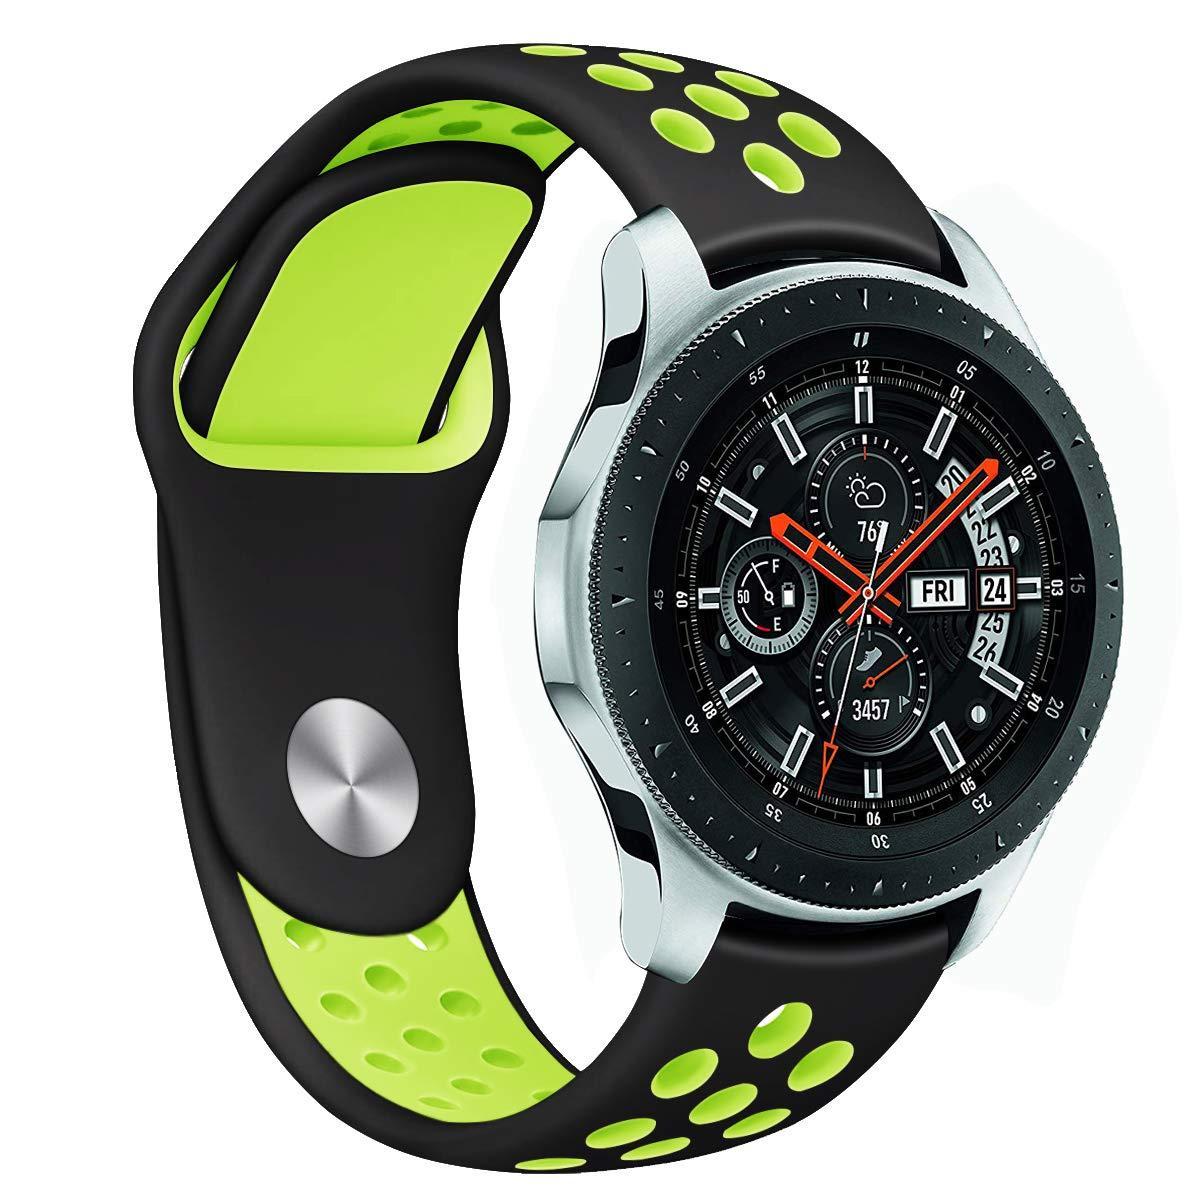 Ремешок BeWatch для Samsung Galaxy Watch 46 mm | 3 45 mm | Gear S3 перфорированный 22мм Черно-Салатовый